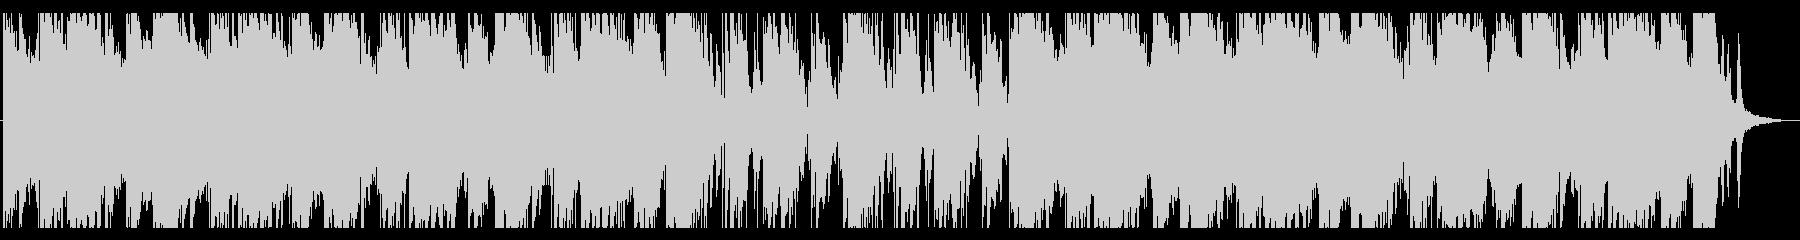 抗えない力に立ち向かうBGMの未再生の波形